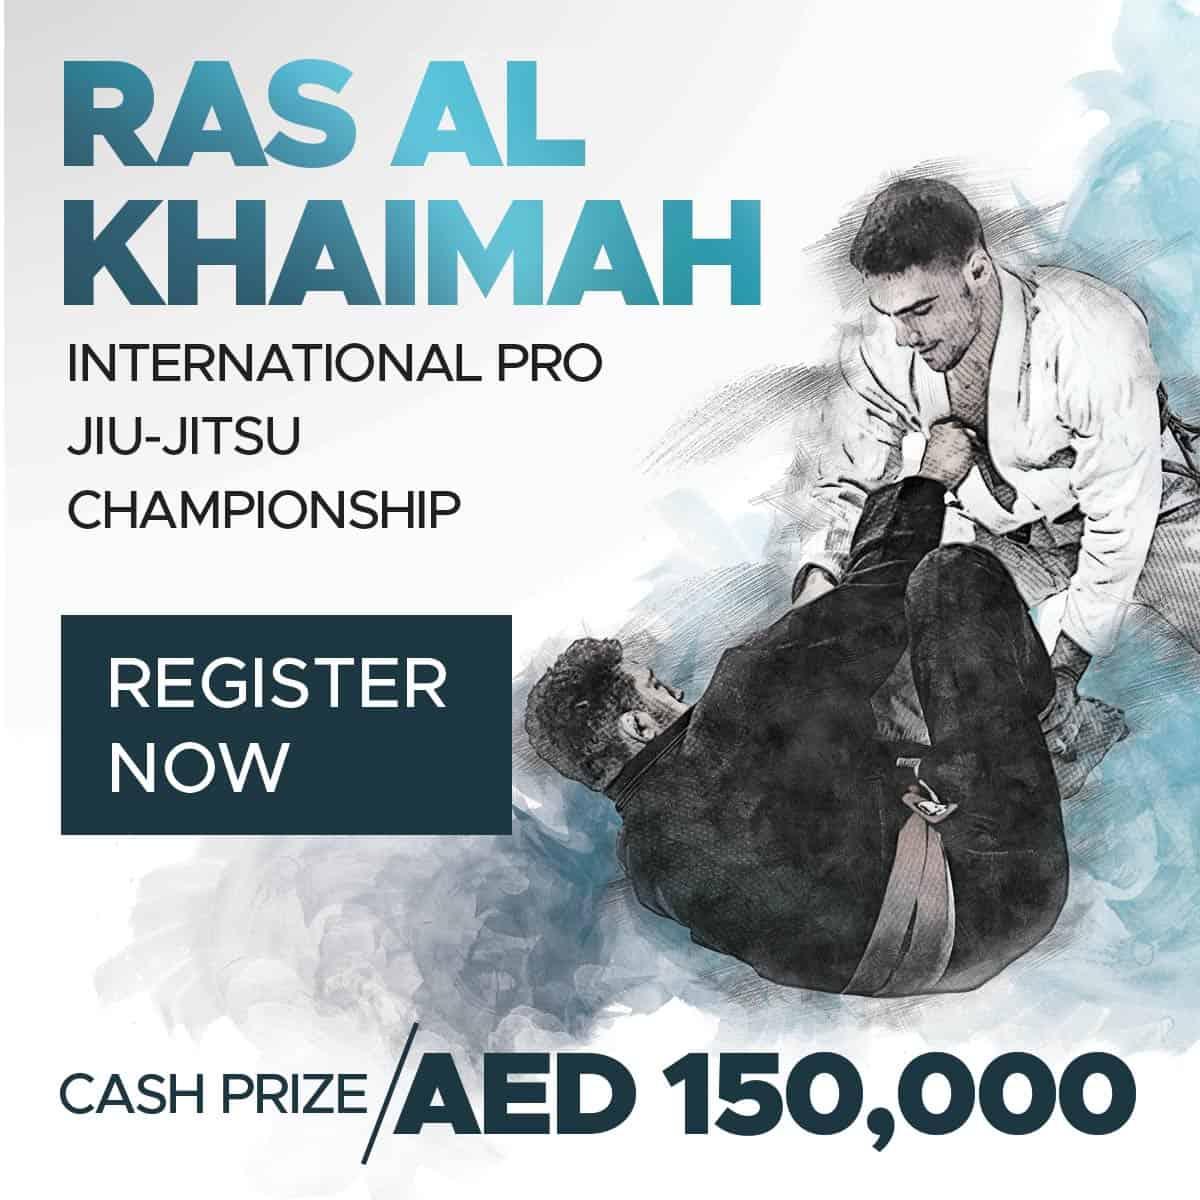 ras al khaimah international pro jiu jitsu championship uaejjf